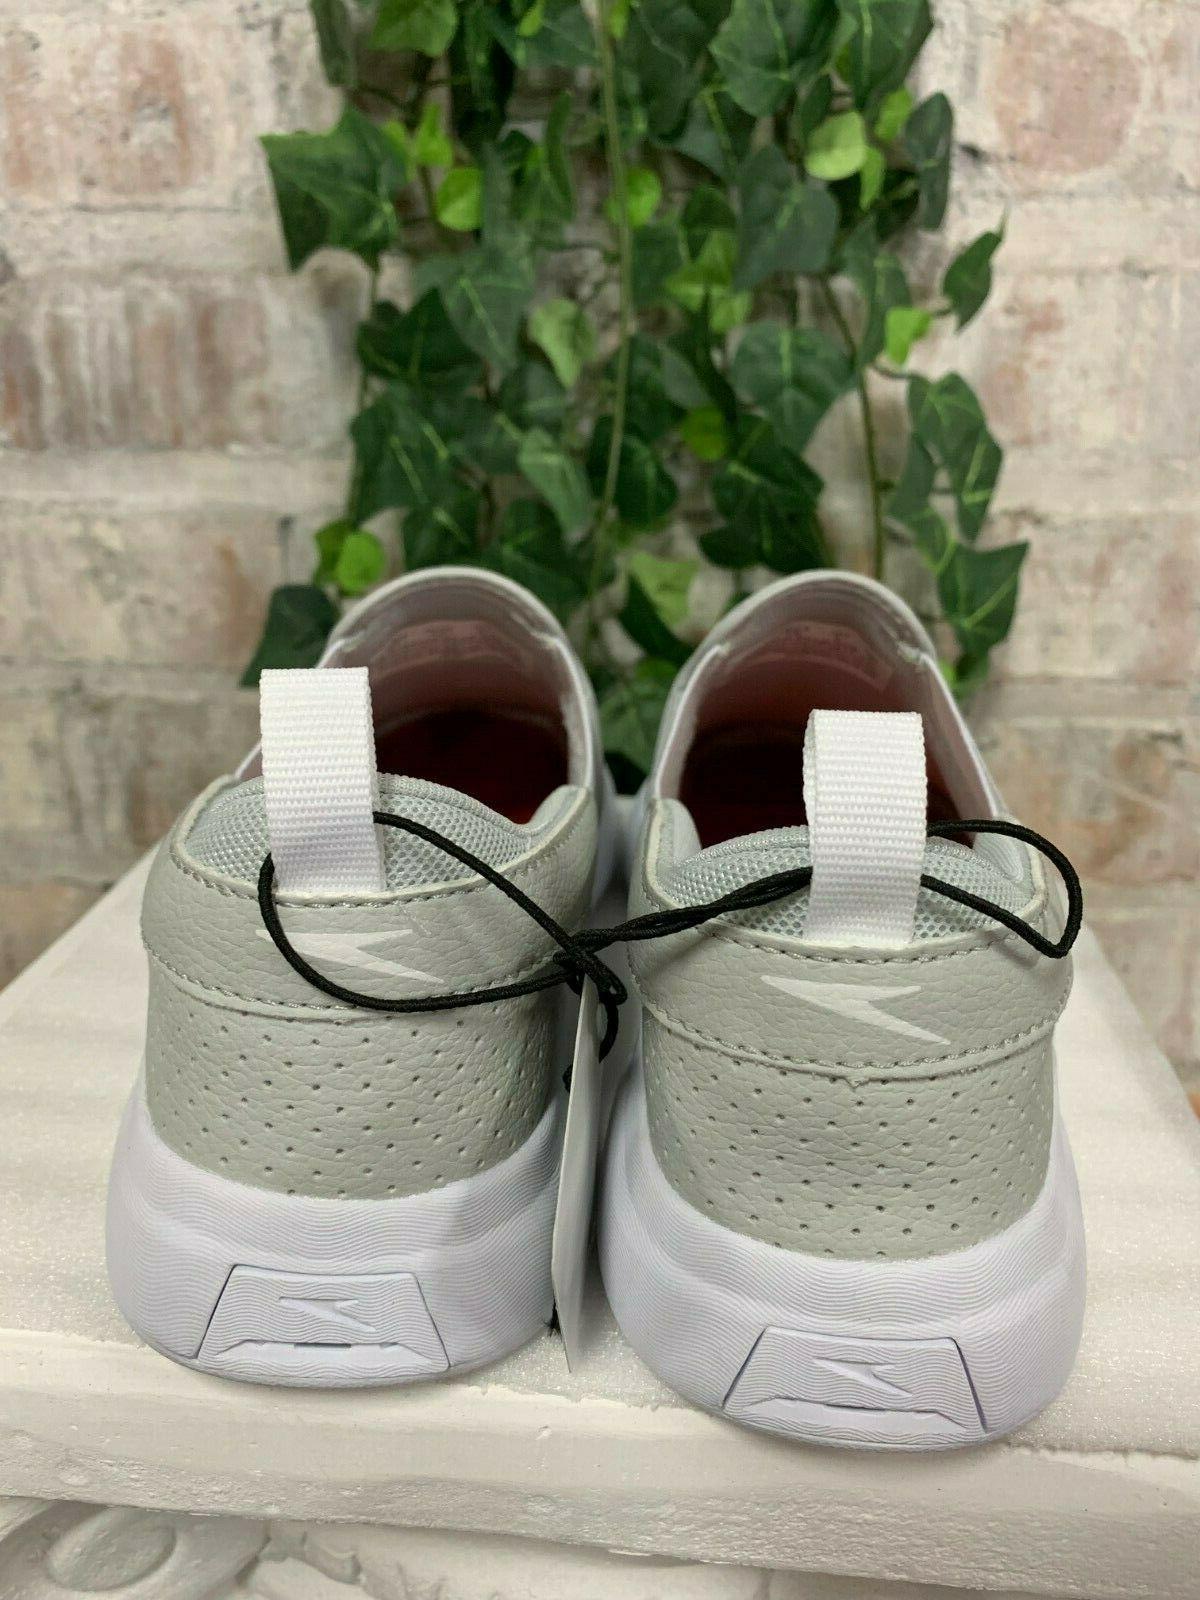 NEW Shoes Hybrid Drainage PK